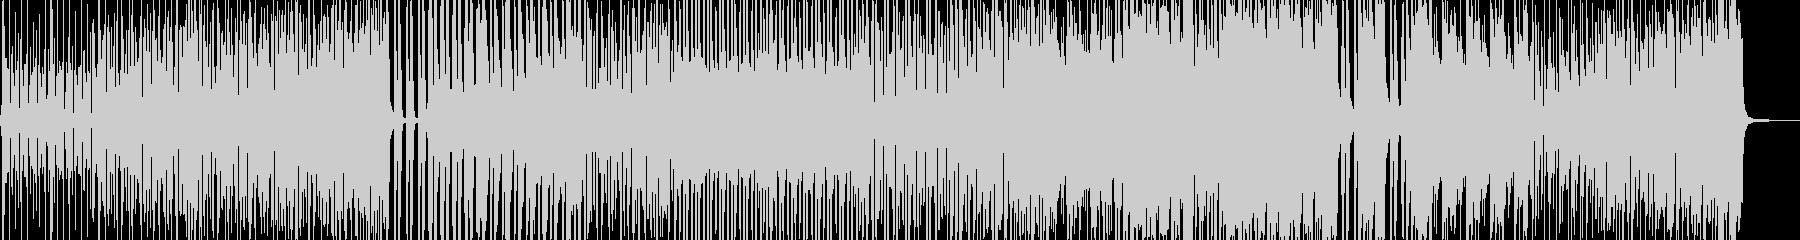 七変化アニメーションダンス調ポップ Aの未再生の波形